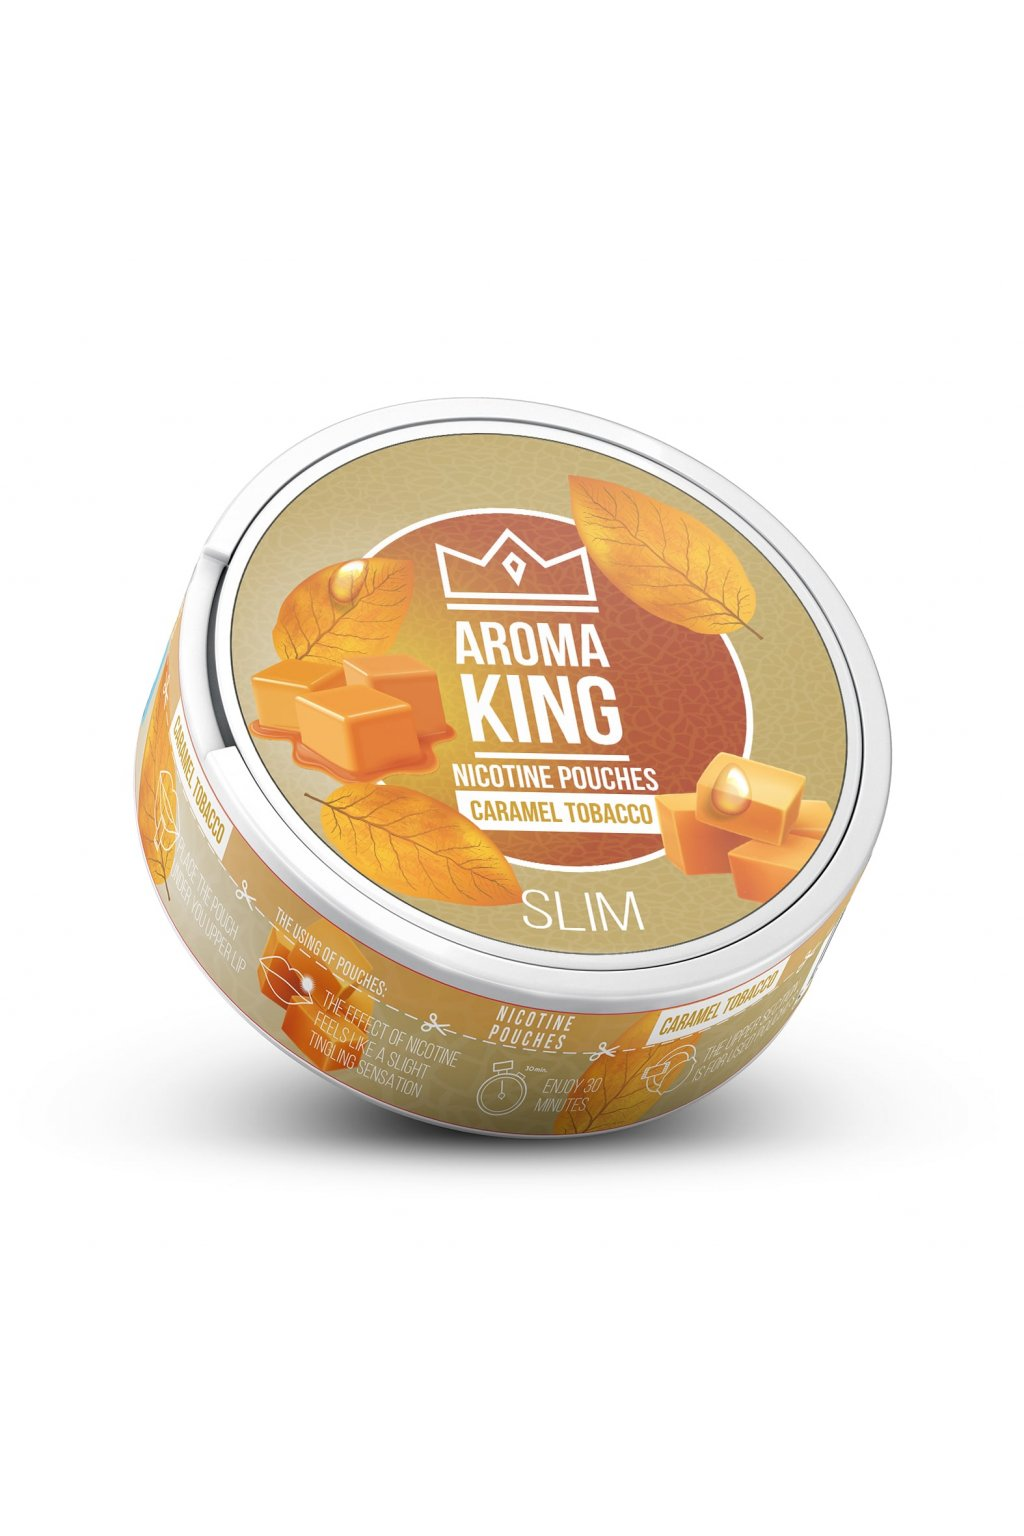 AromaKing caramel tobacco 60 mg 20 mg nikotinove sacky nicopods